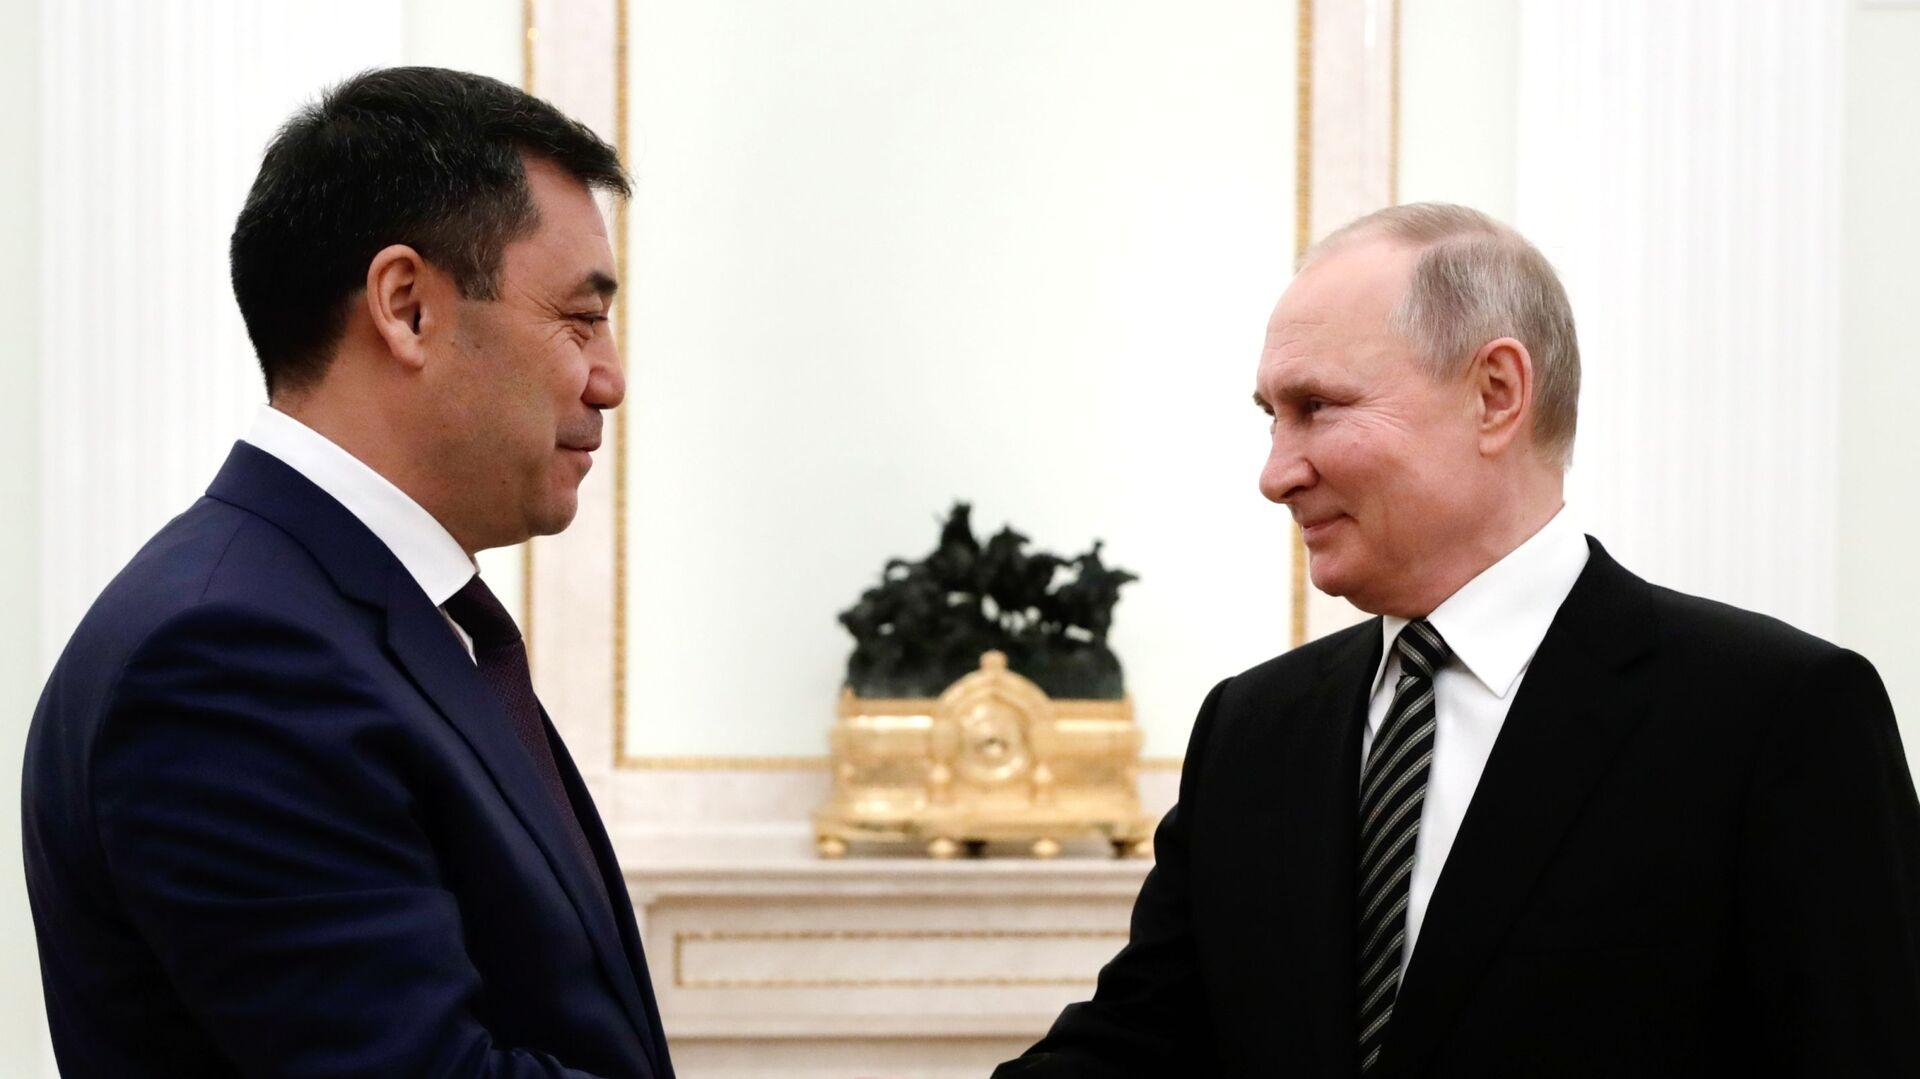 Президент РФ В. Путин провел переговоры с президентом Киргизии С. Жапаровым - Sputnik Таджикистан, 1920, 21.05.2021